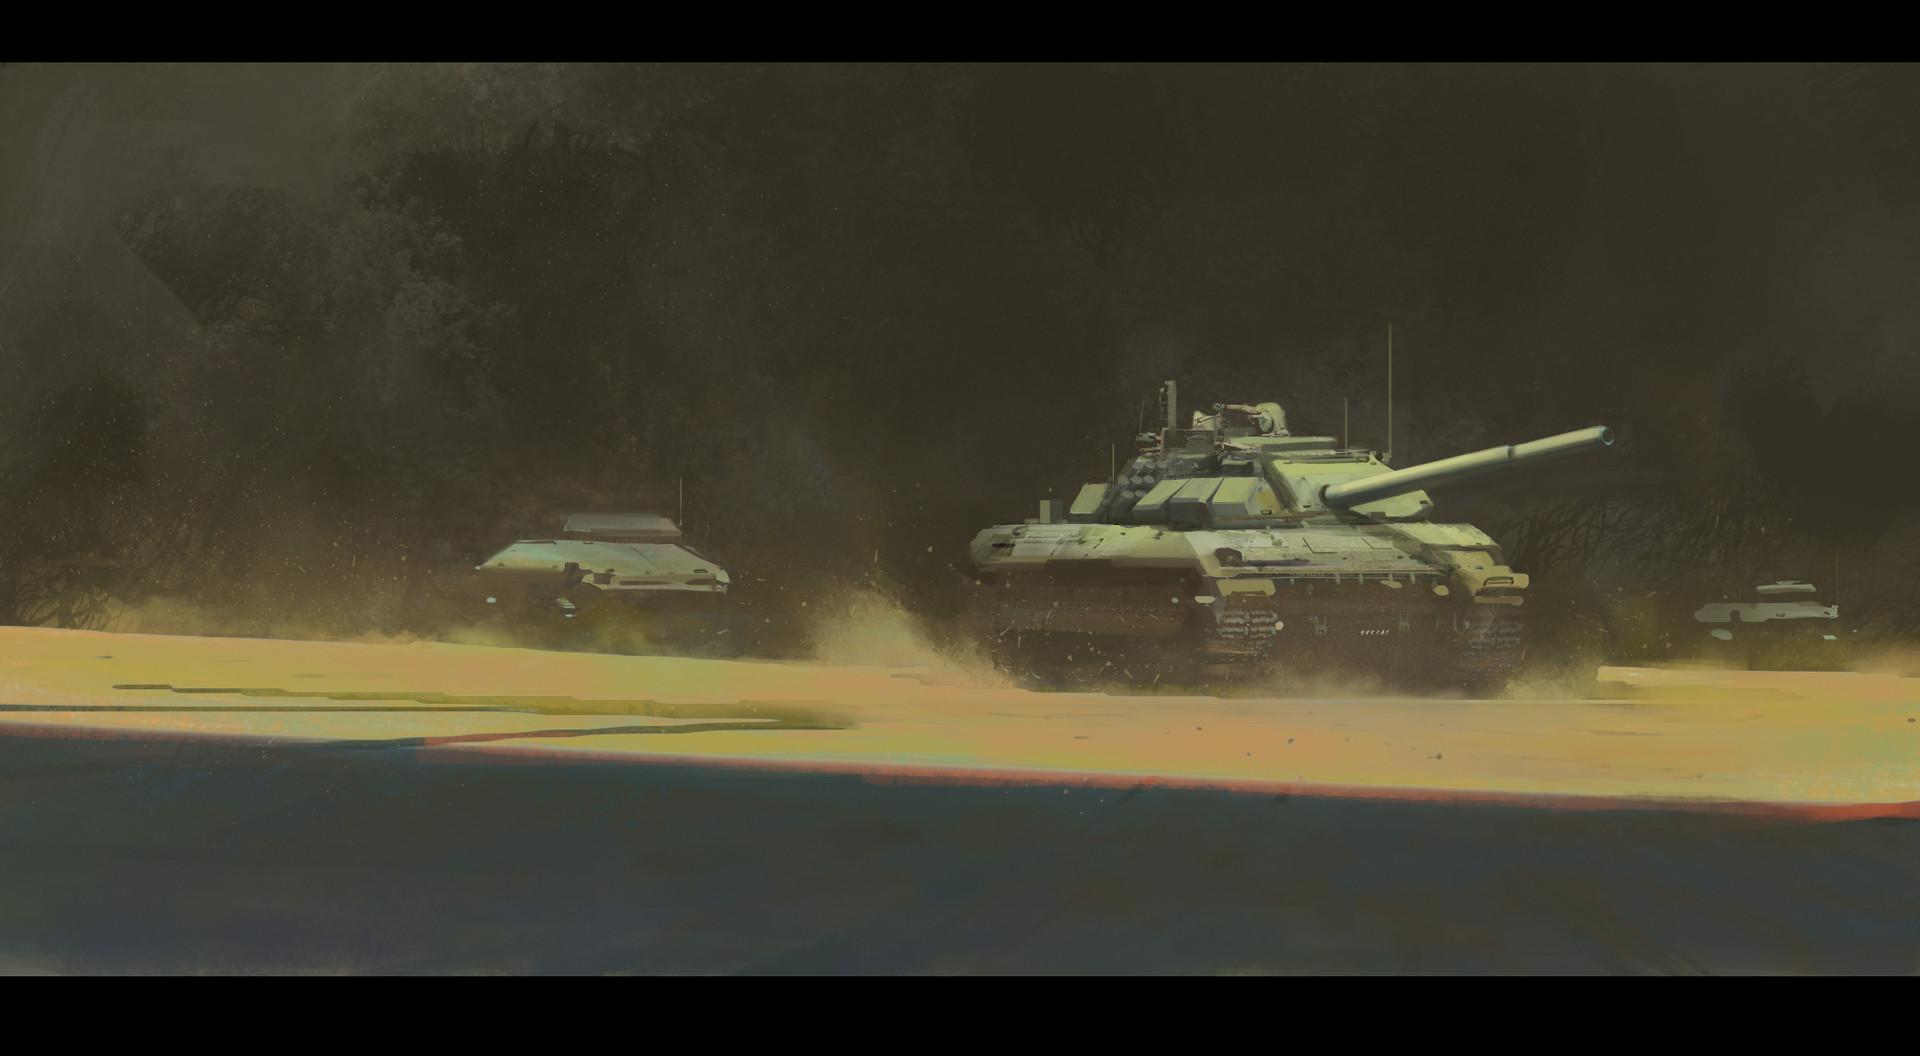 Sathish kumar tank